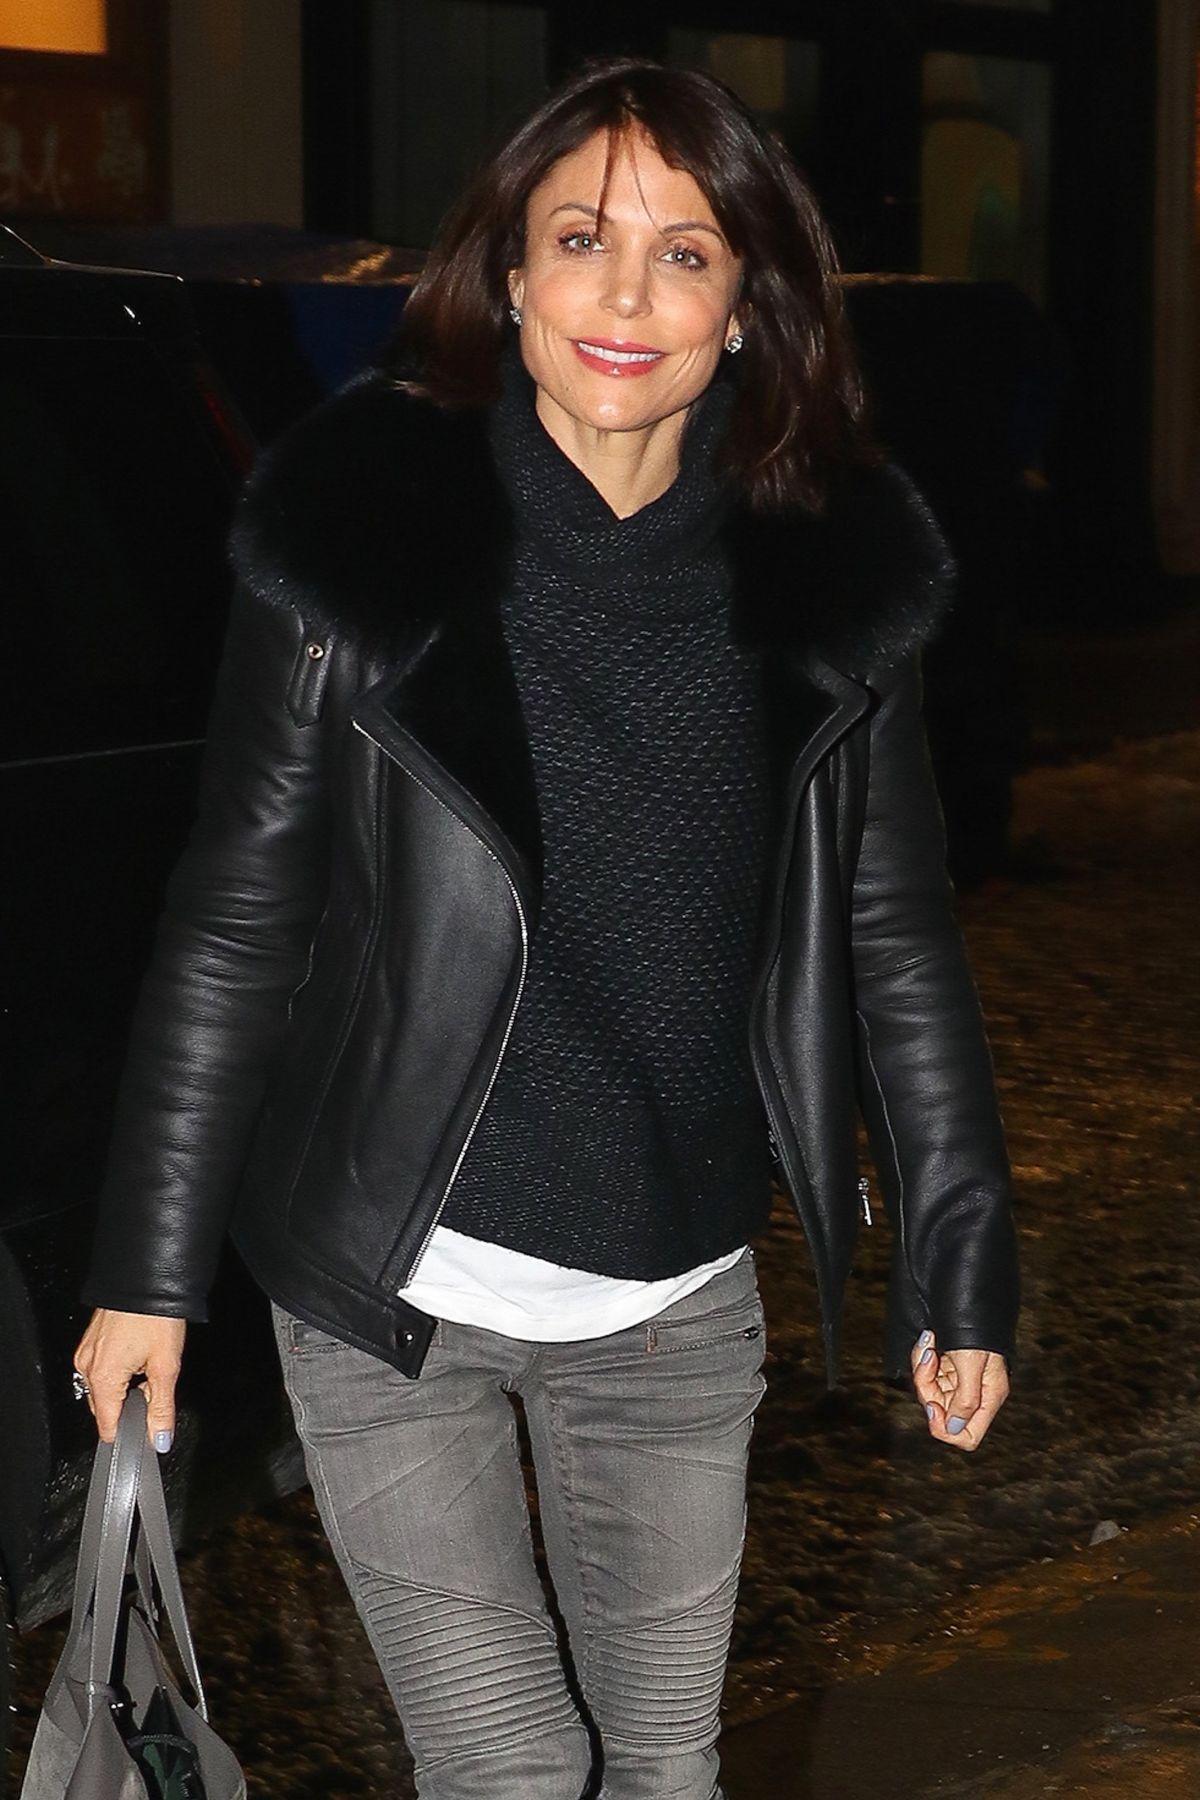 BETHENNY FRANKEL Arrives at Her Home in New York 01/10/2017